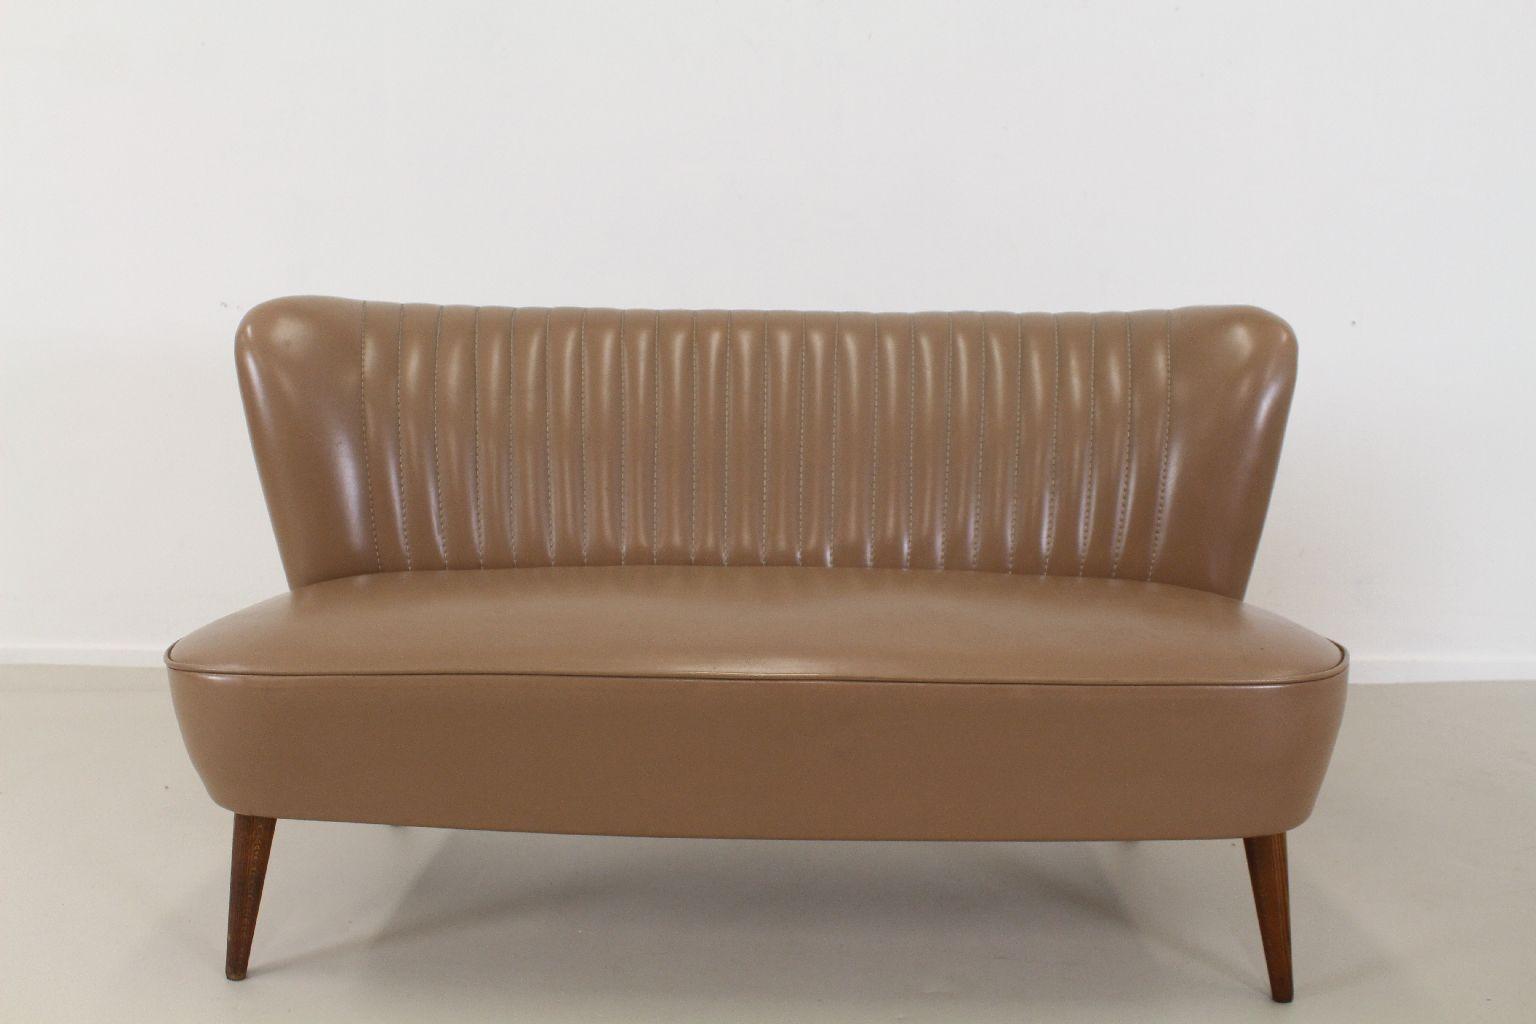 kunstleder zweiersofa 1955 bei pamono kaufen. Black Bedroom Furniture Sets. Home Design Ideas